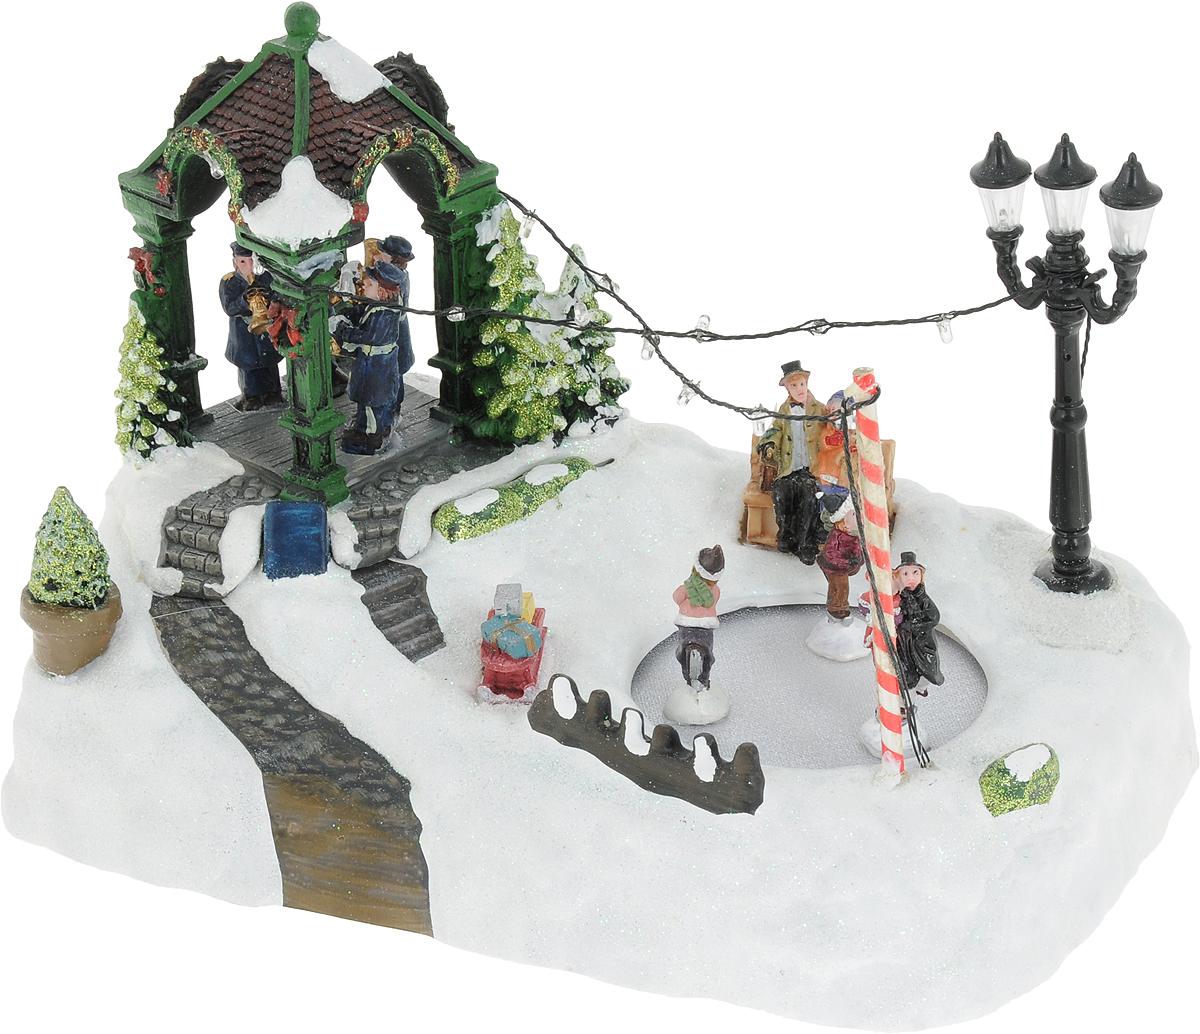 B&H Праздничный концерт в деревне-светомузыкальная композиция -  Украшения